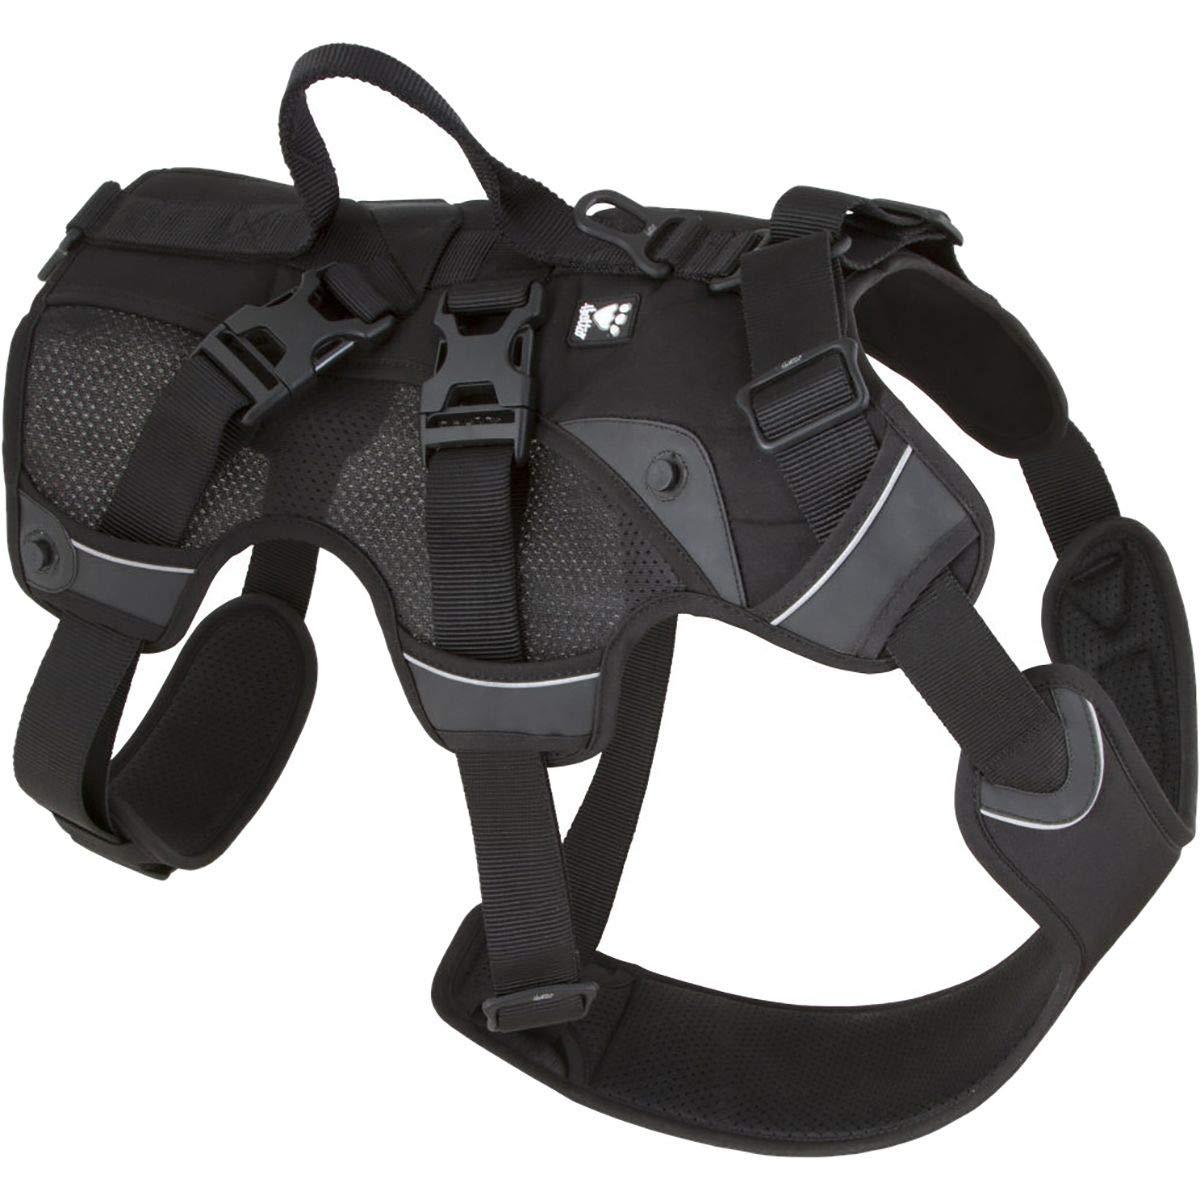 フルッタ (Hurtta) トレイルパック (犬用バックパック) ブラック ペット用 Sサイズ B00T7L7Y0M